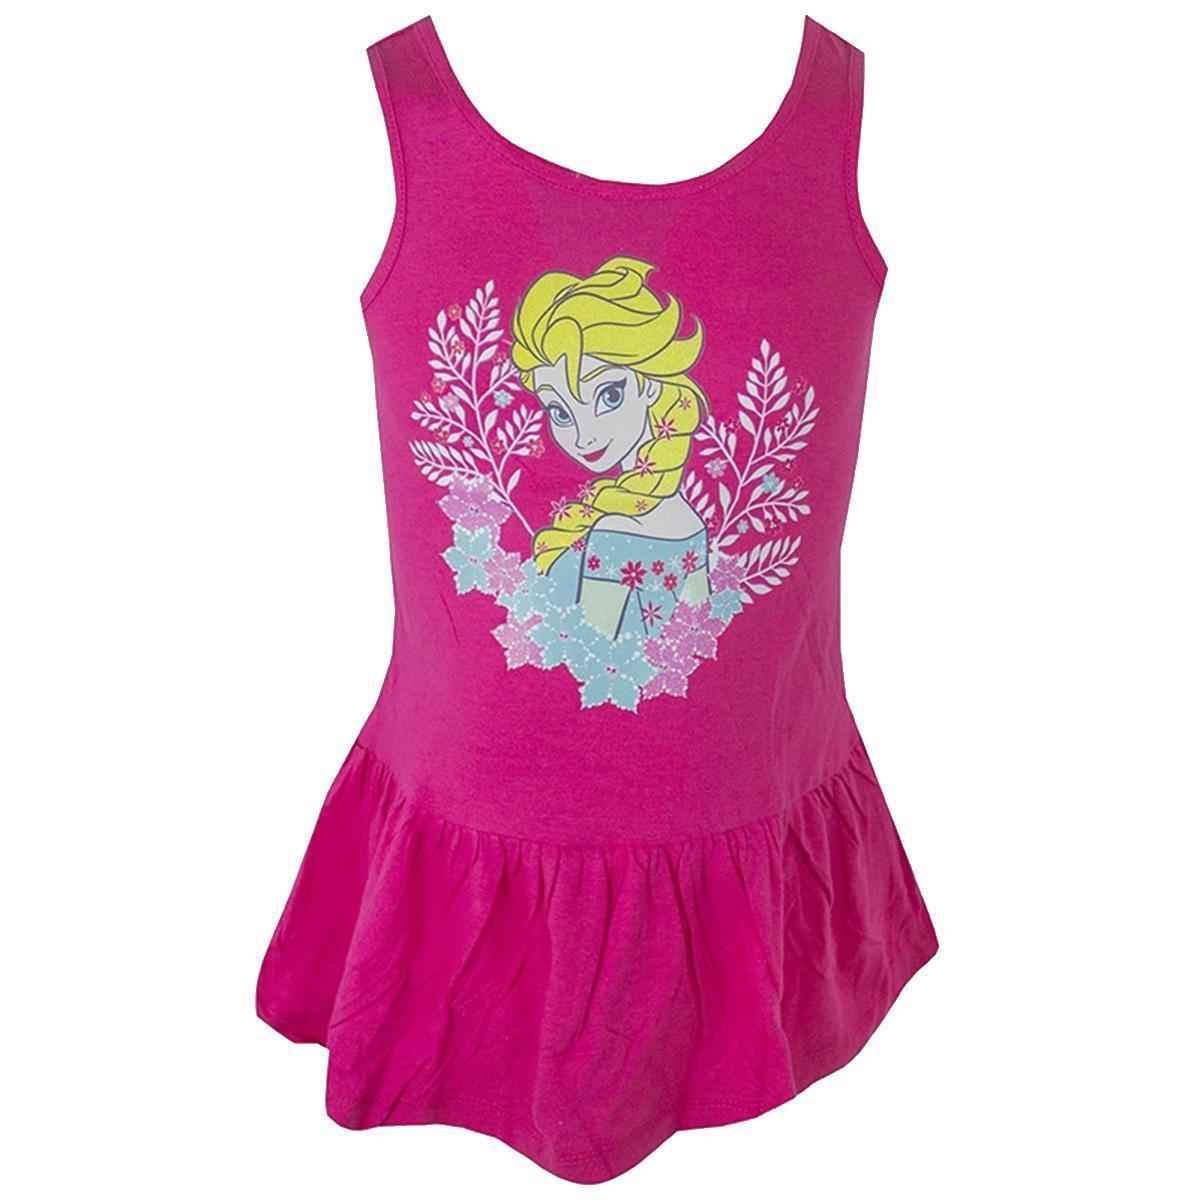 Girls Dress Summer Unicorn Horse Heart Sun Sleeveless RaRa 2 to 7 Years